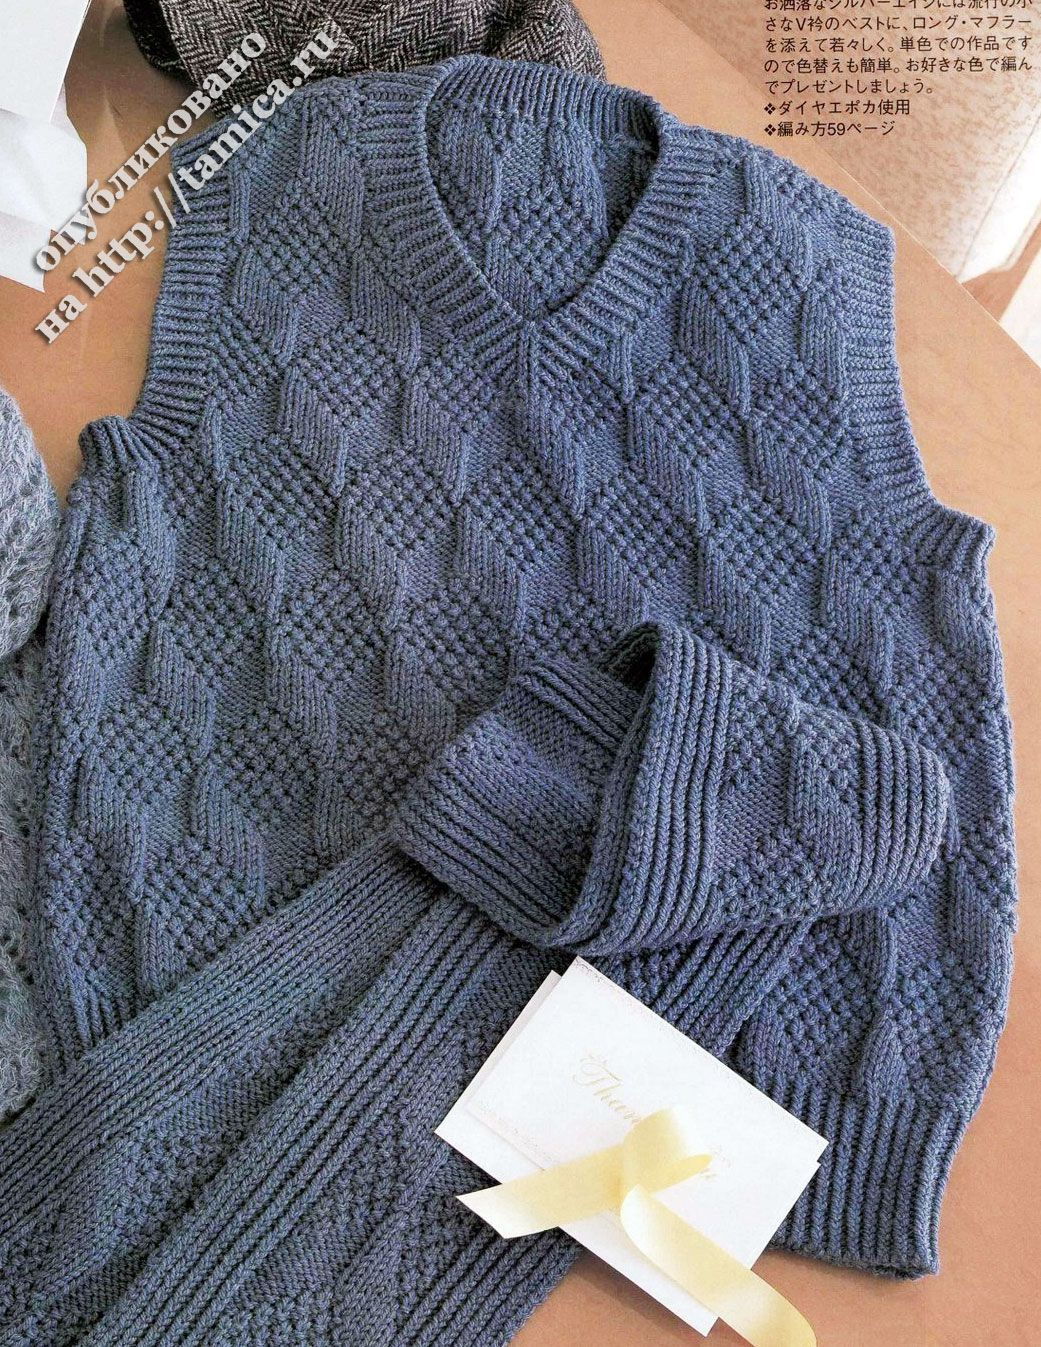 Схема вязания мужской жилетки спицами фото 233